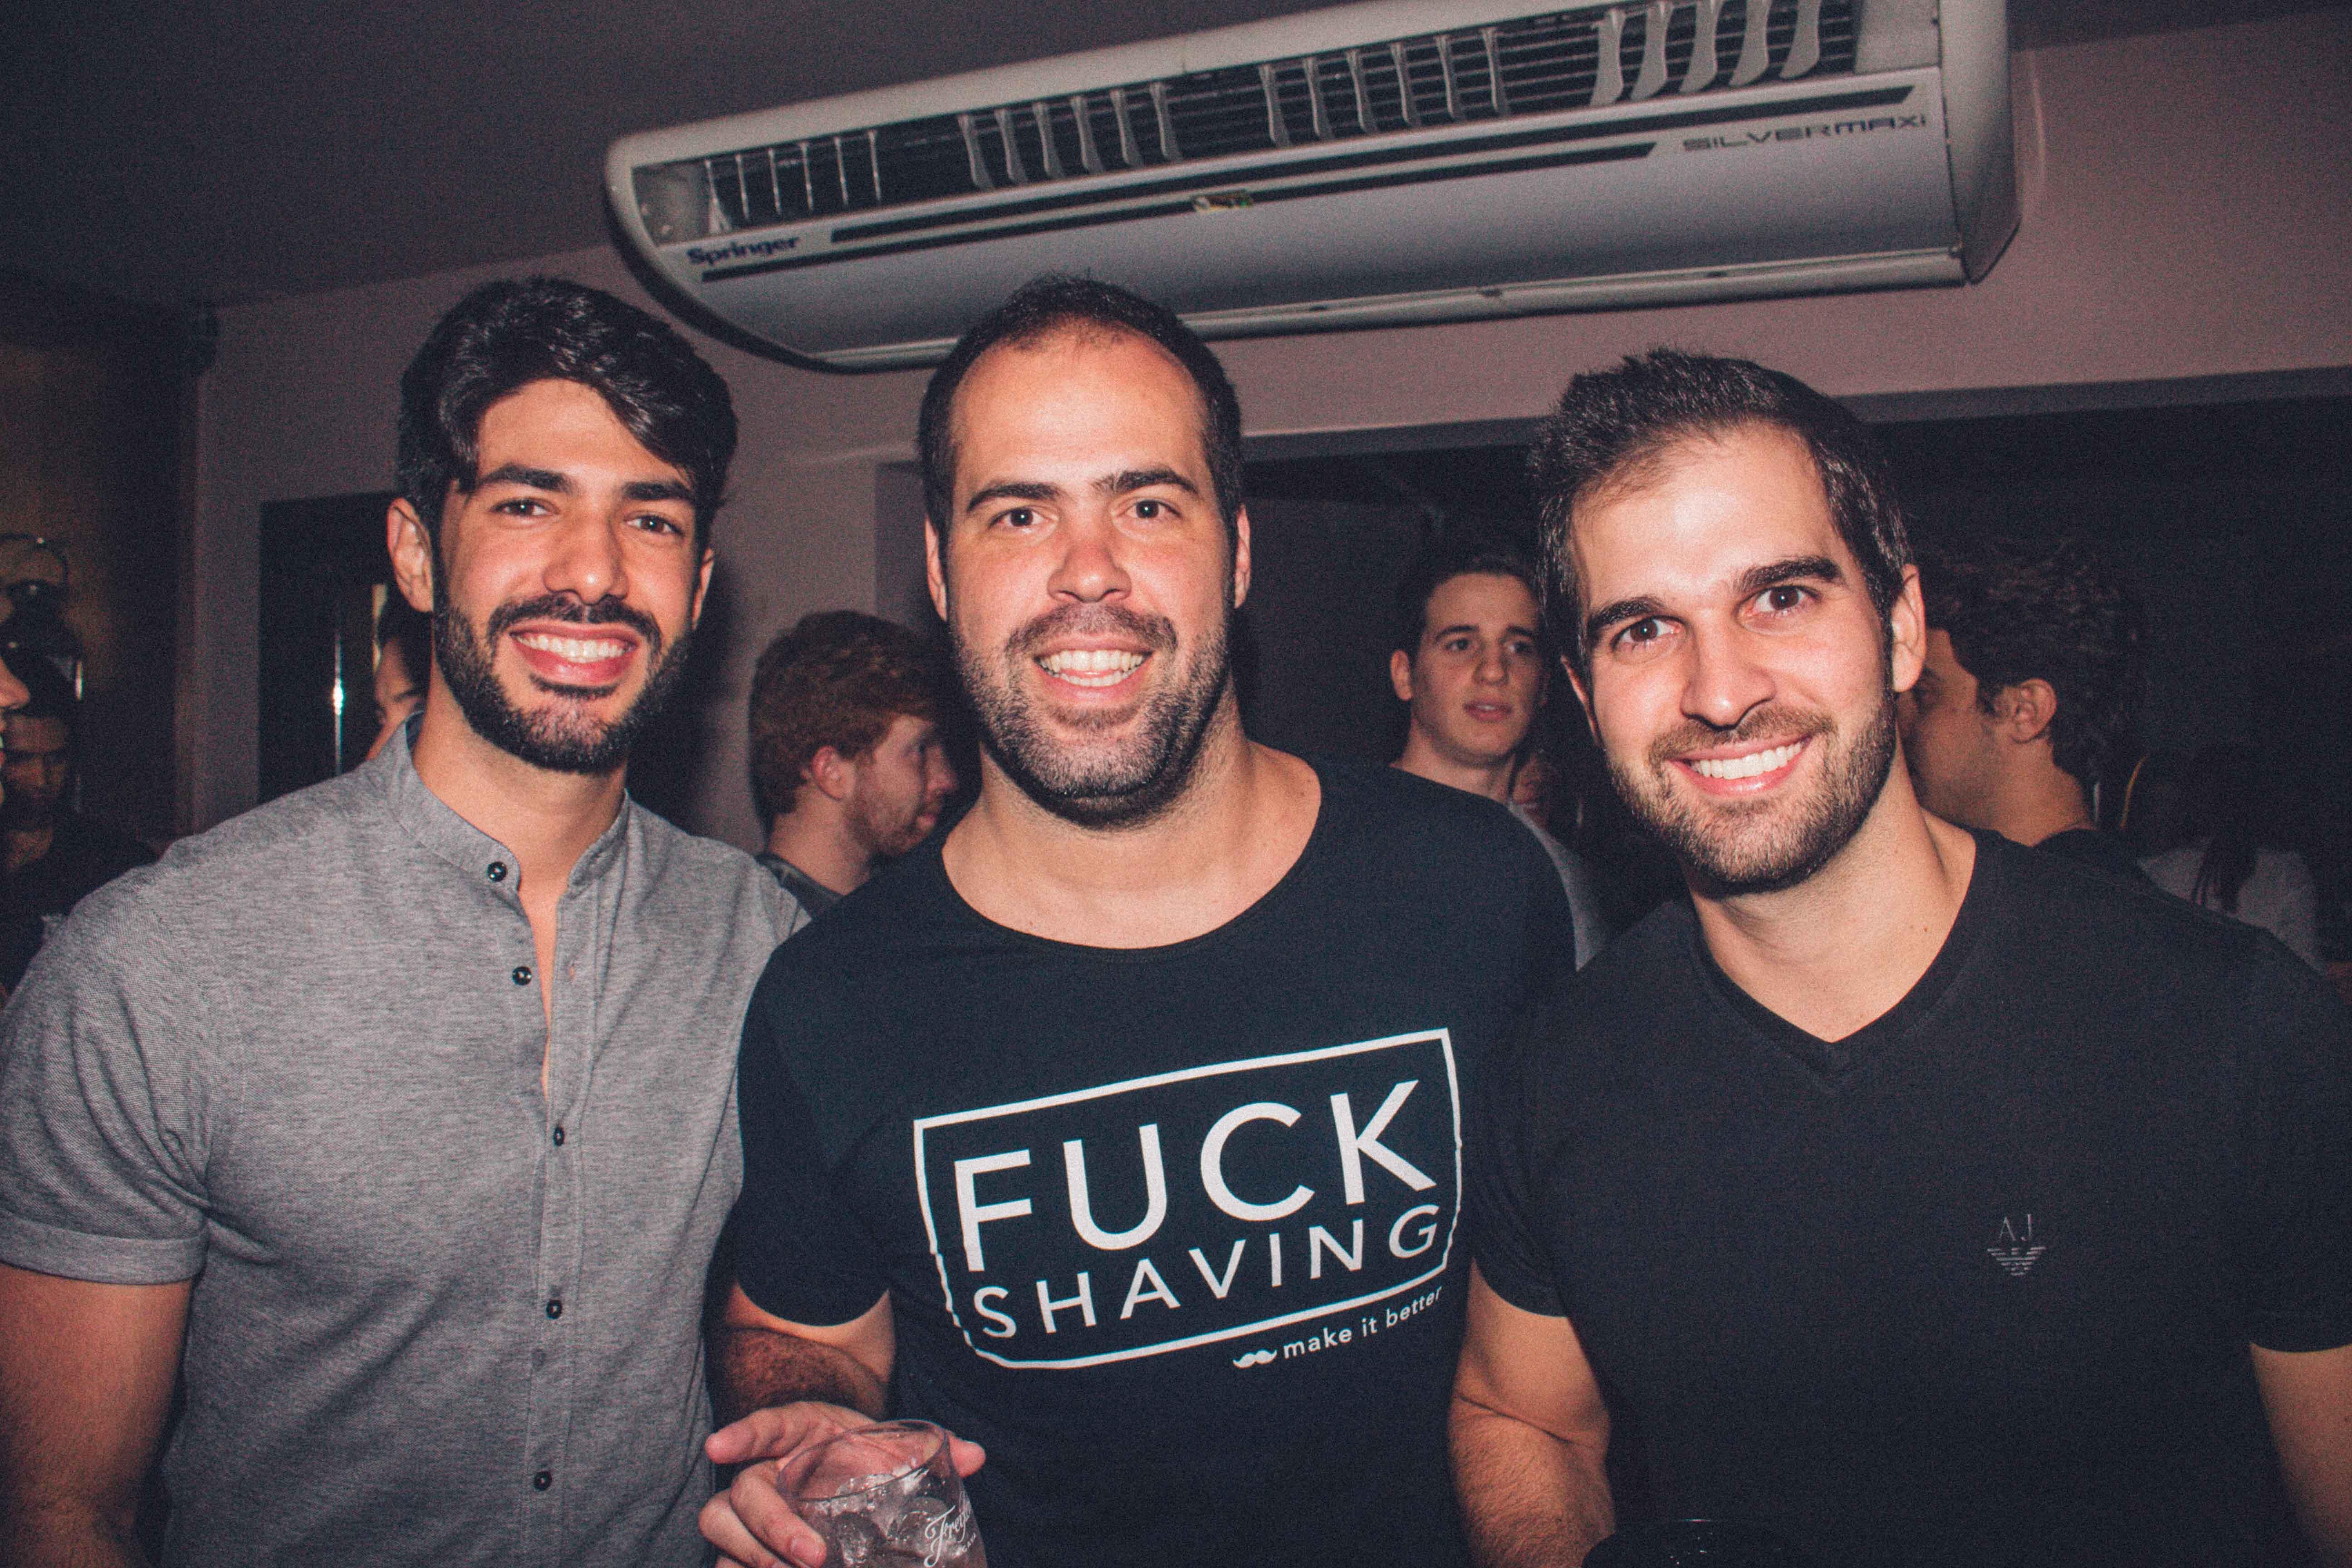 Victor Gama, Thiago Cavalcanti e Arthur Queiroz - Crédito: André Valença/Divulgação